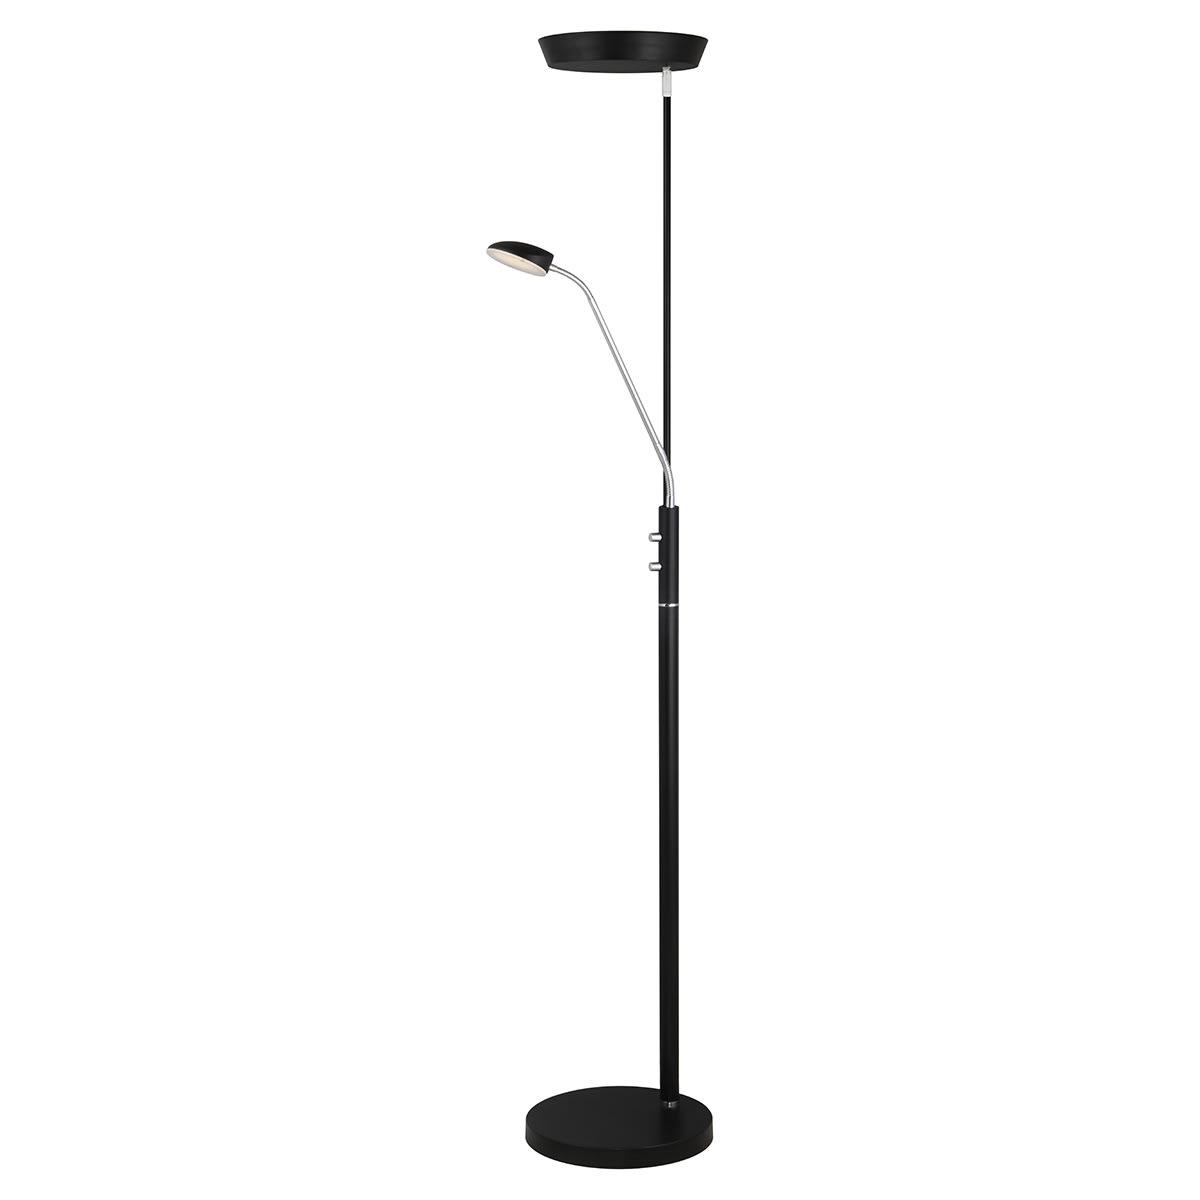 H 180 cm - Perfekt læselys - Med lysdæmper og uplight